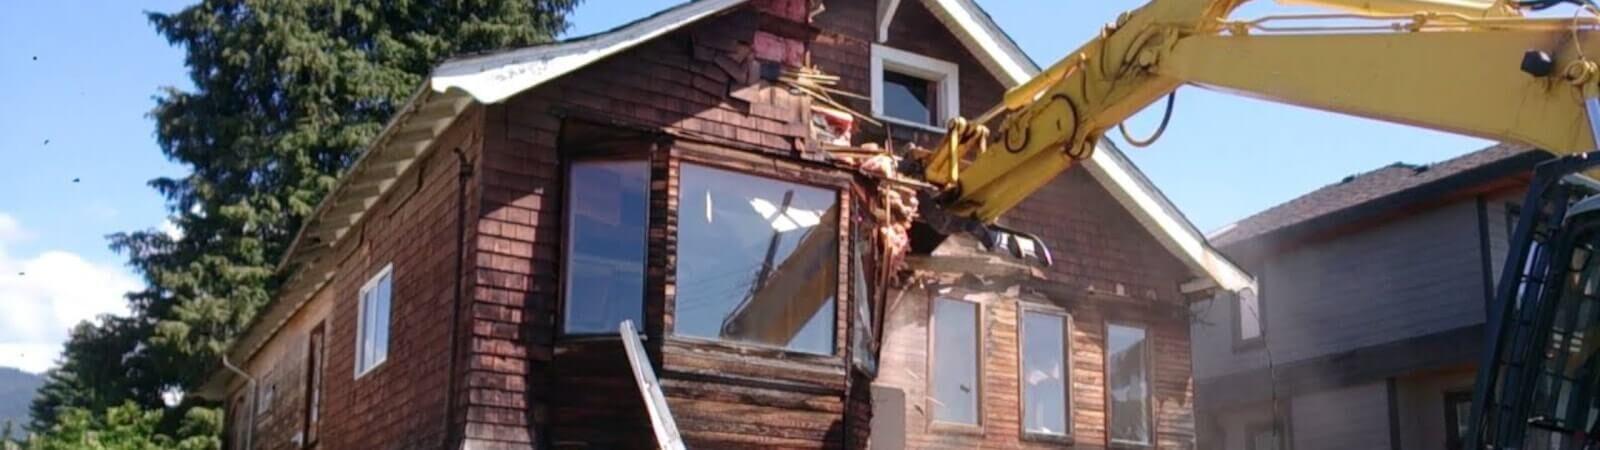 Снос старого дома: как правильно избавиться от ненужного хлама